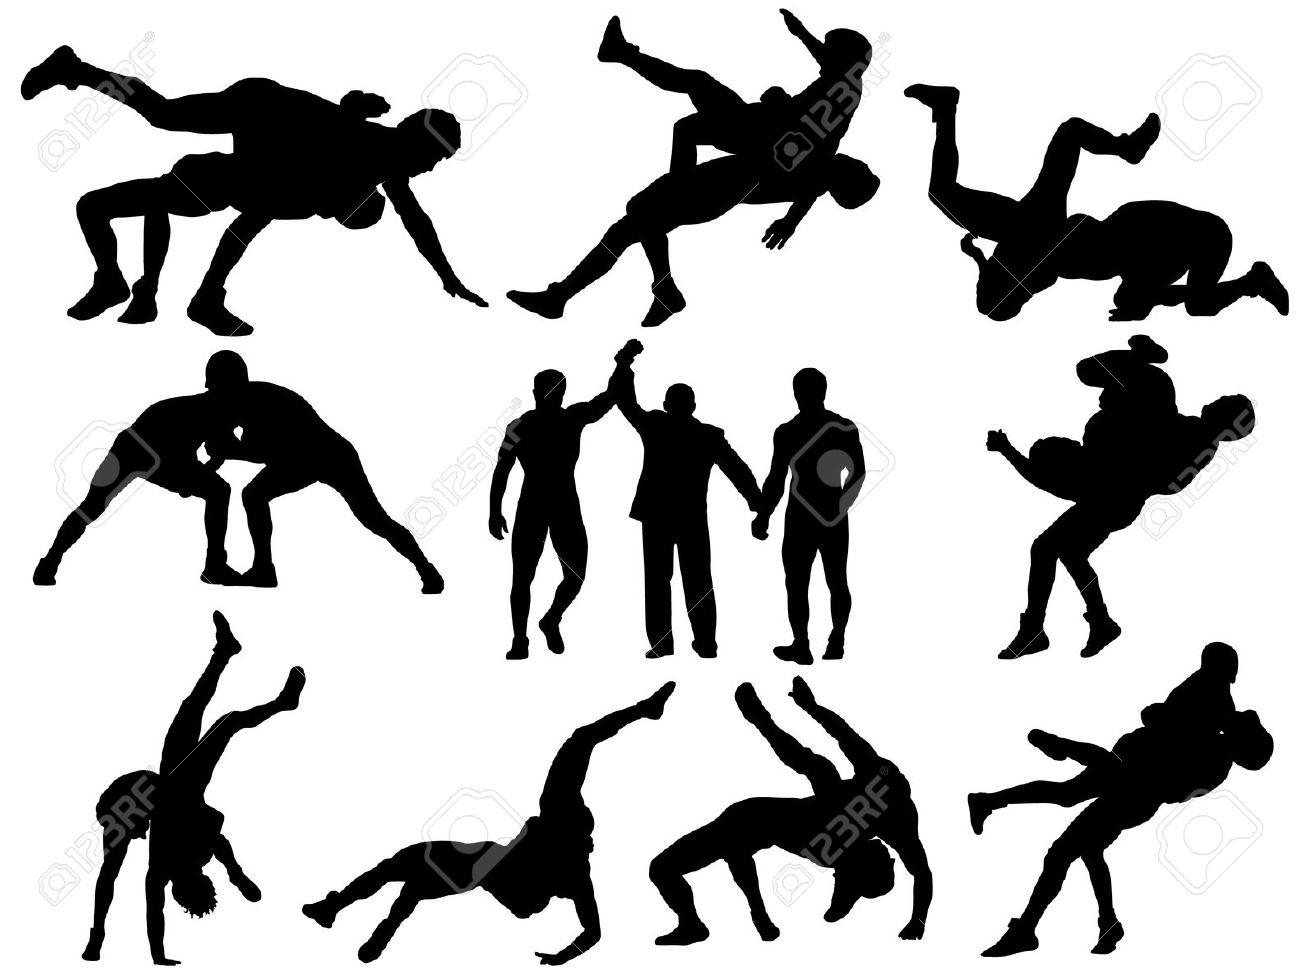 Neck wrestling clipart #4